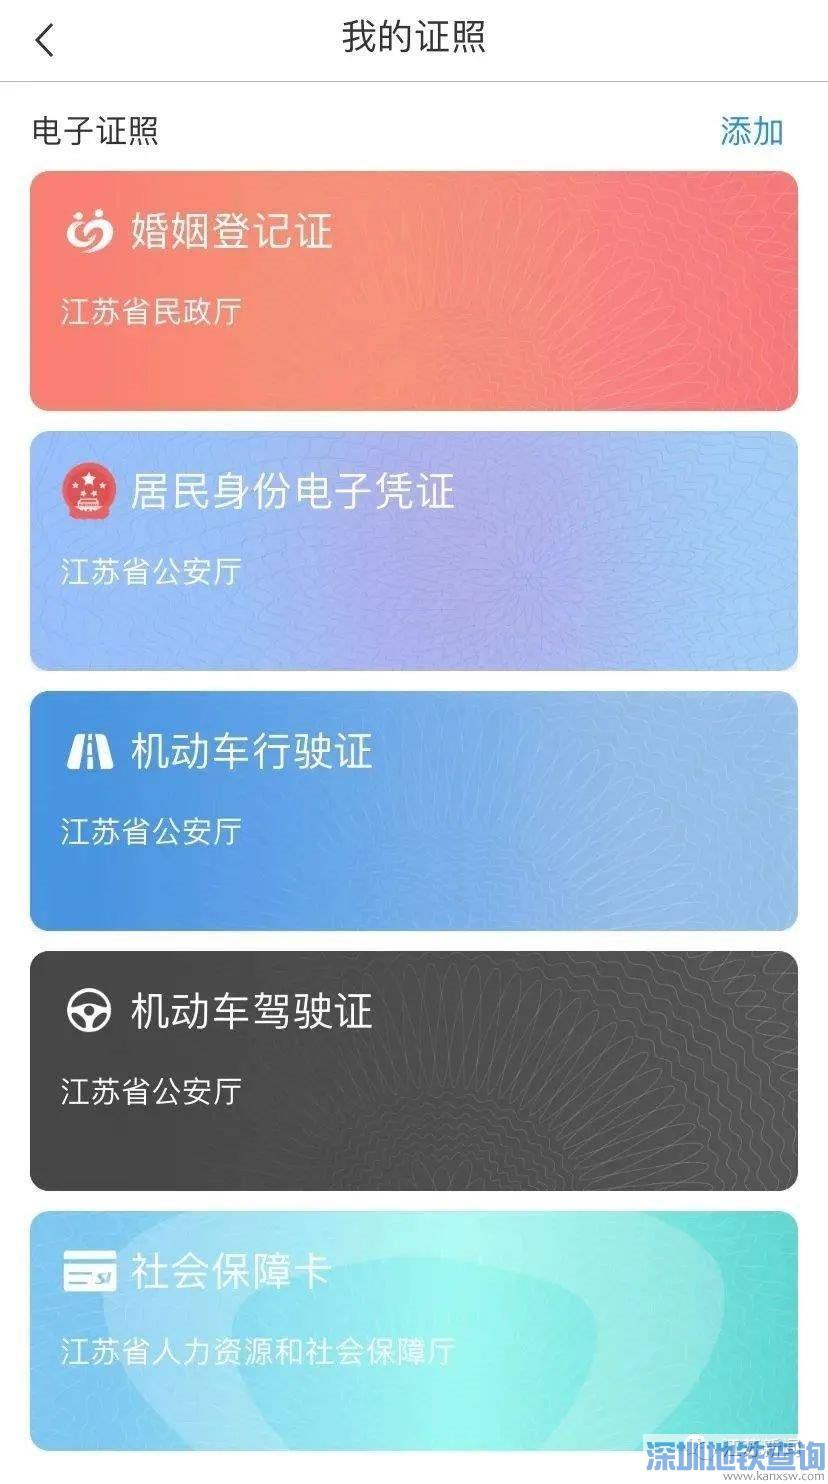 江苏上海浙江安徽4地电子驾驶证及行驶证2020年9月30日起互认